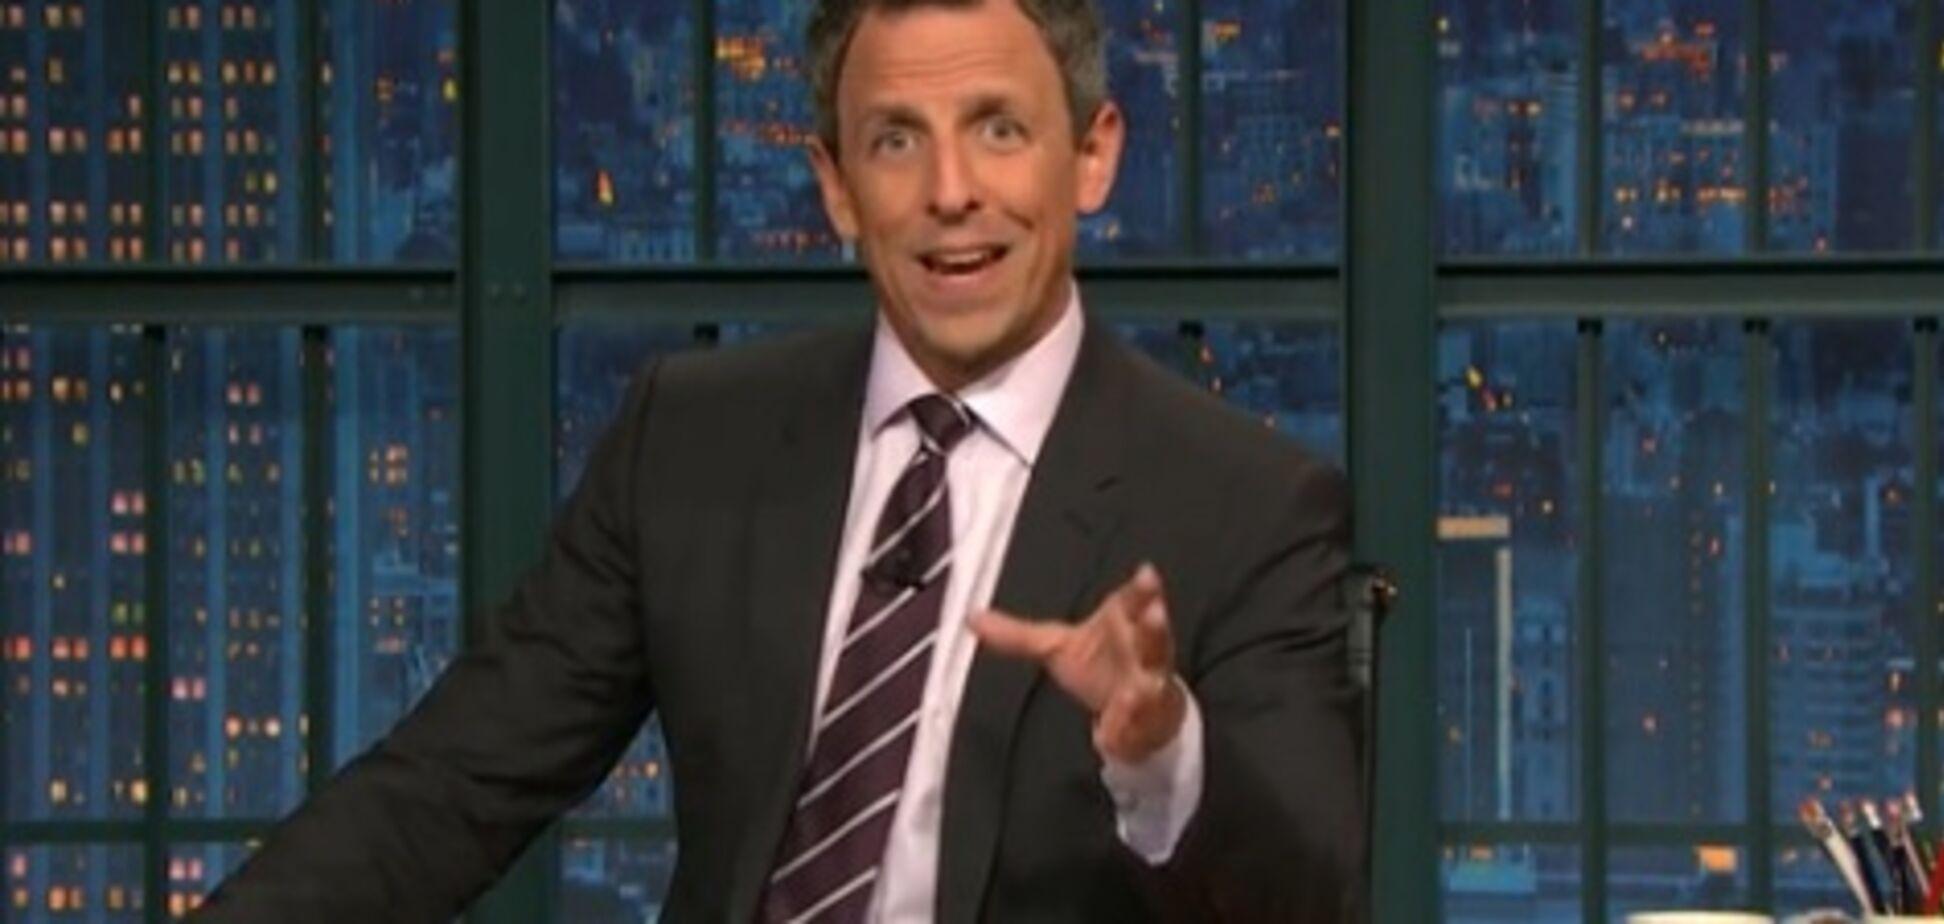 Известный телеведущий показал средний палец в эфире программы